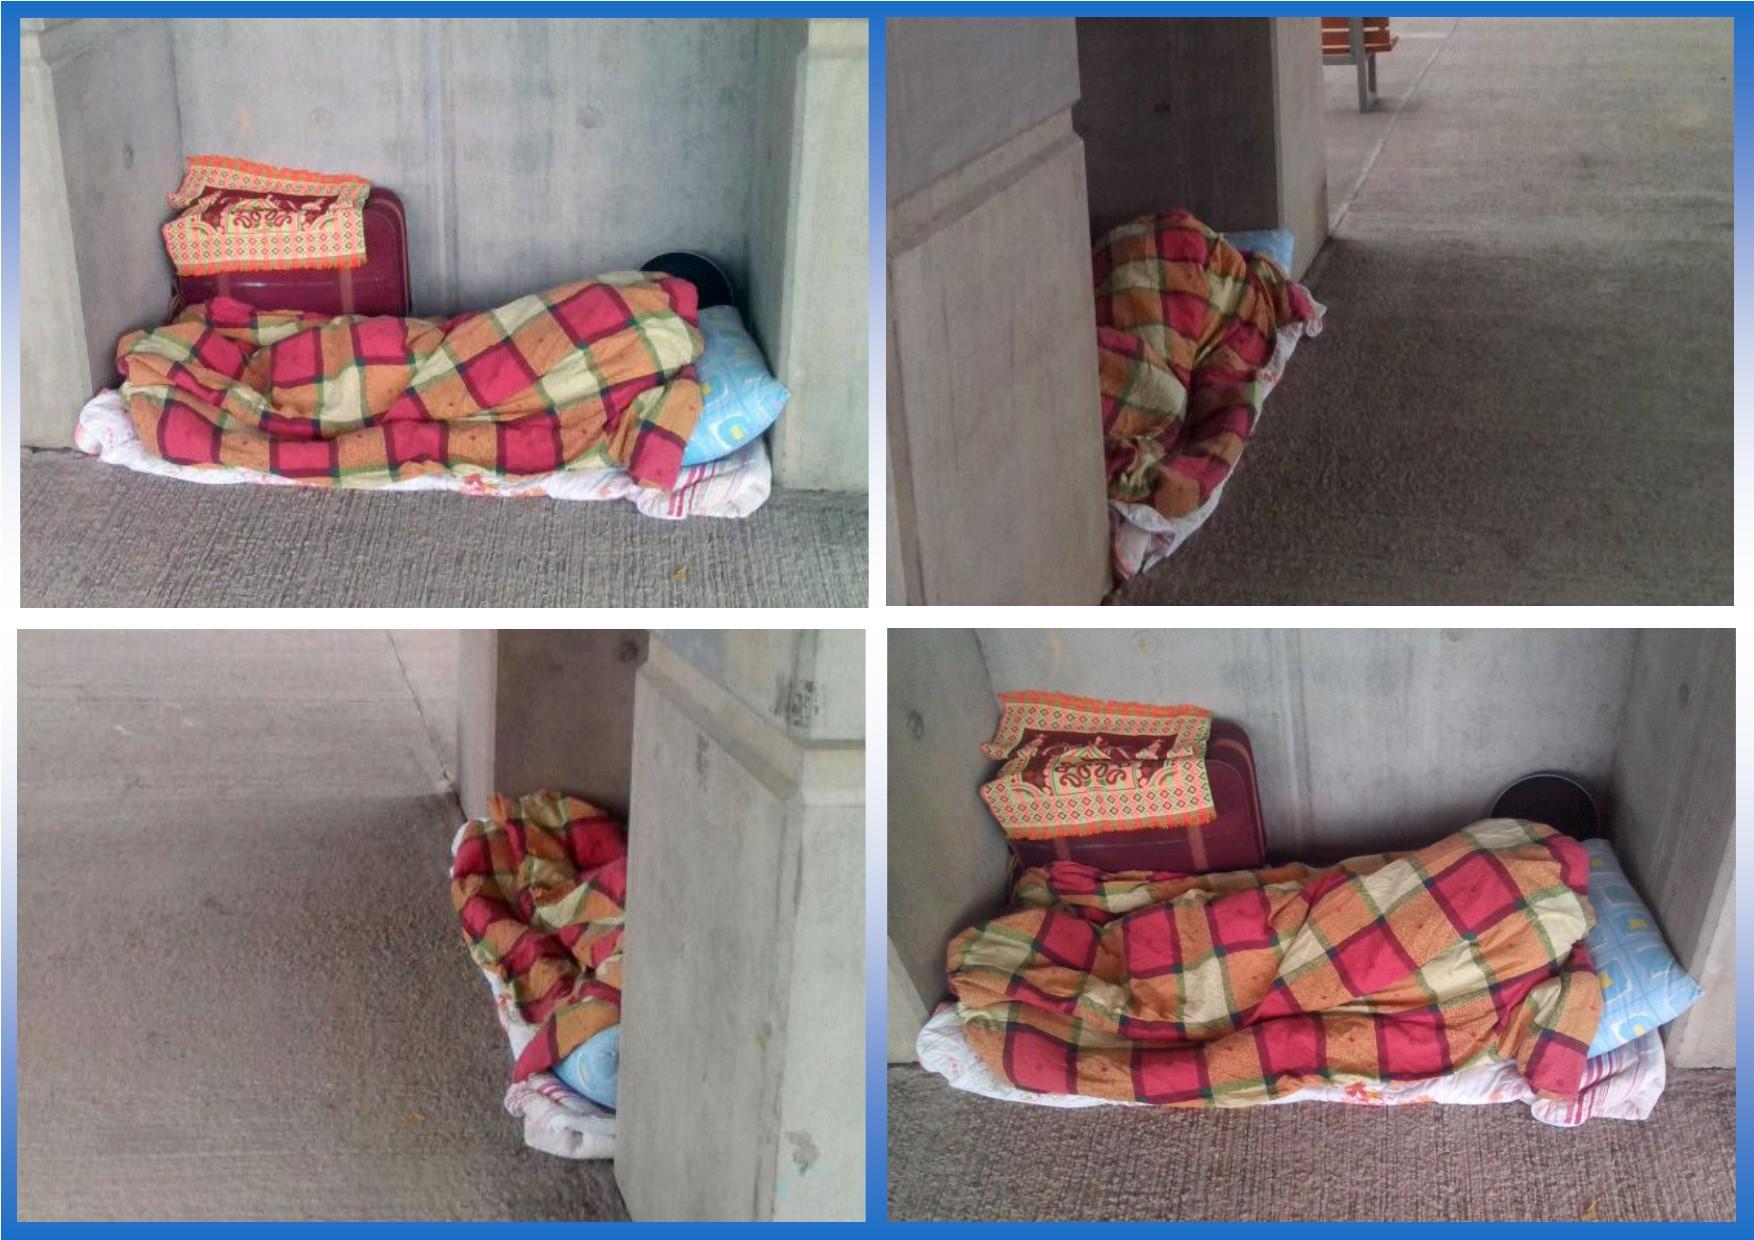 Homeless refugee in Lam Tei